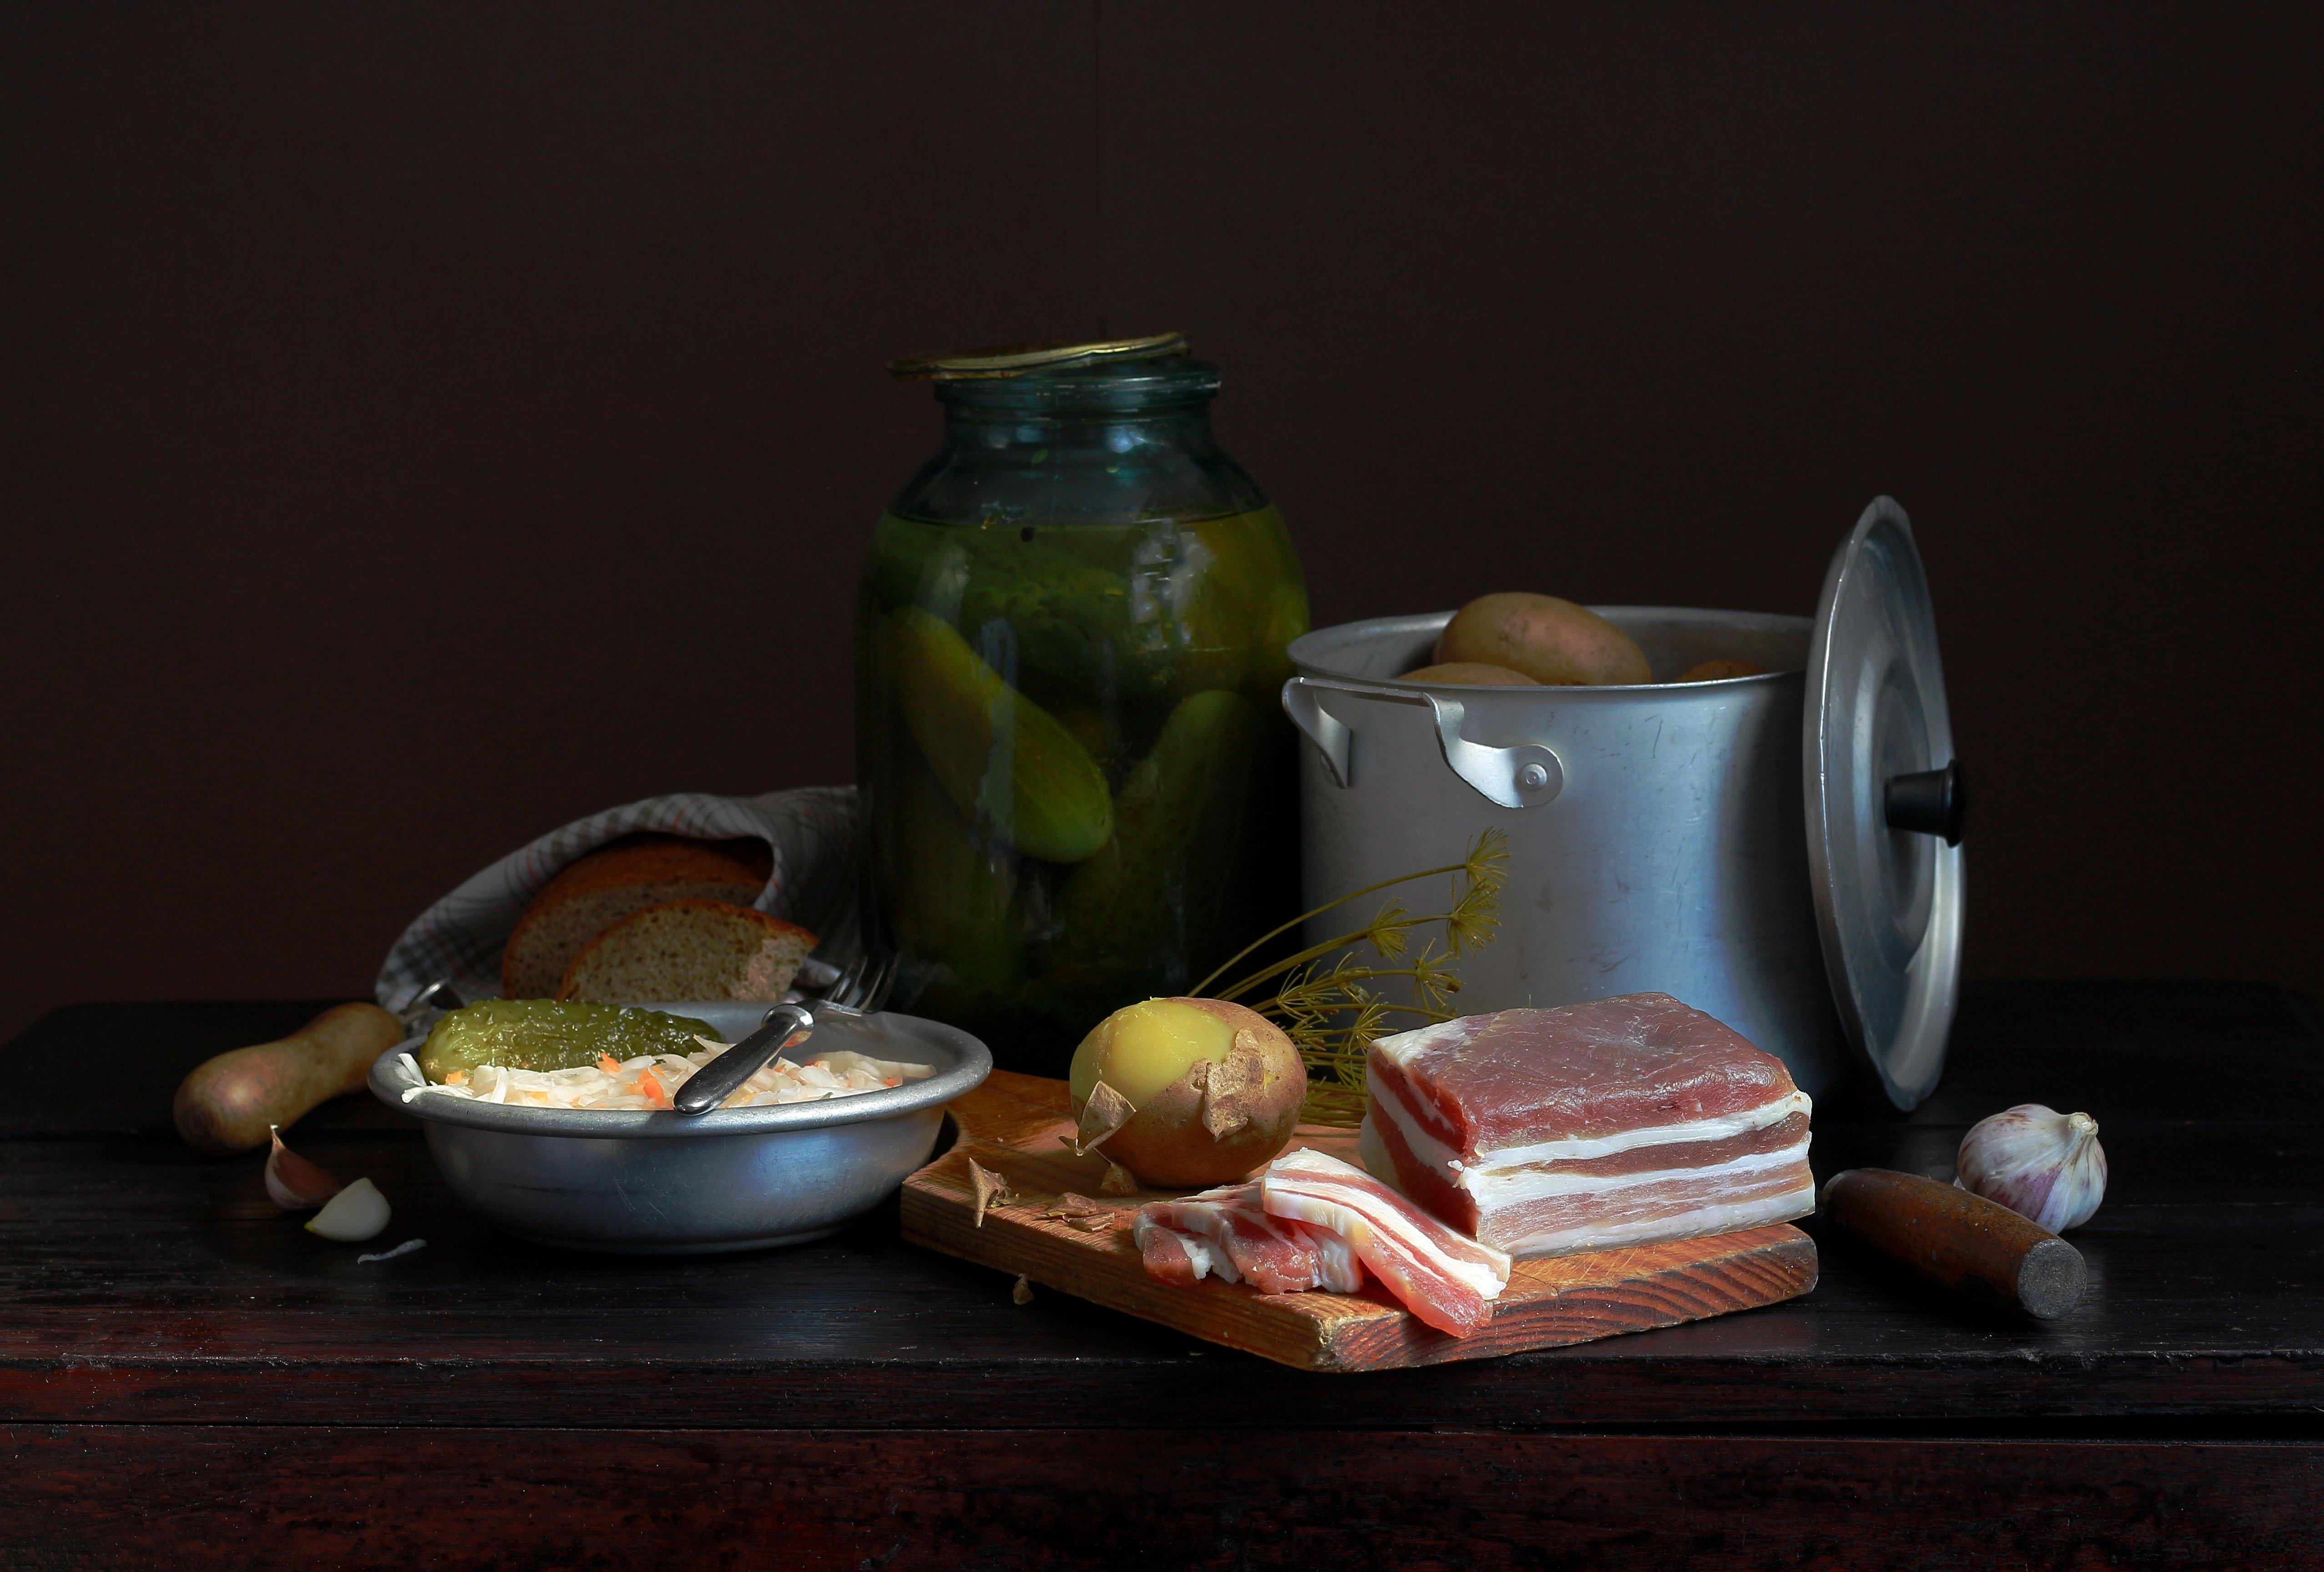 натюрморт, фотонатюрморт, еда, сало, картошка, хлеб, наталья казанцева, Казанцева Наталья